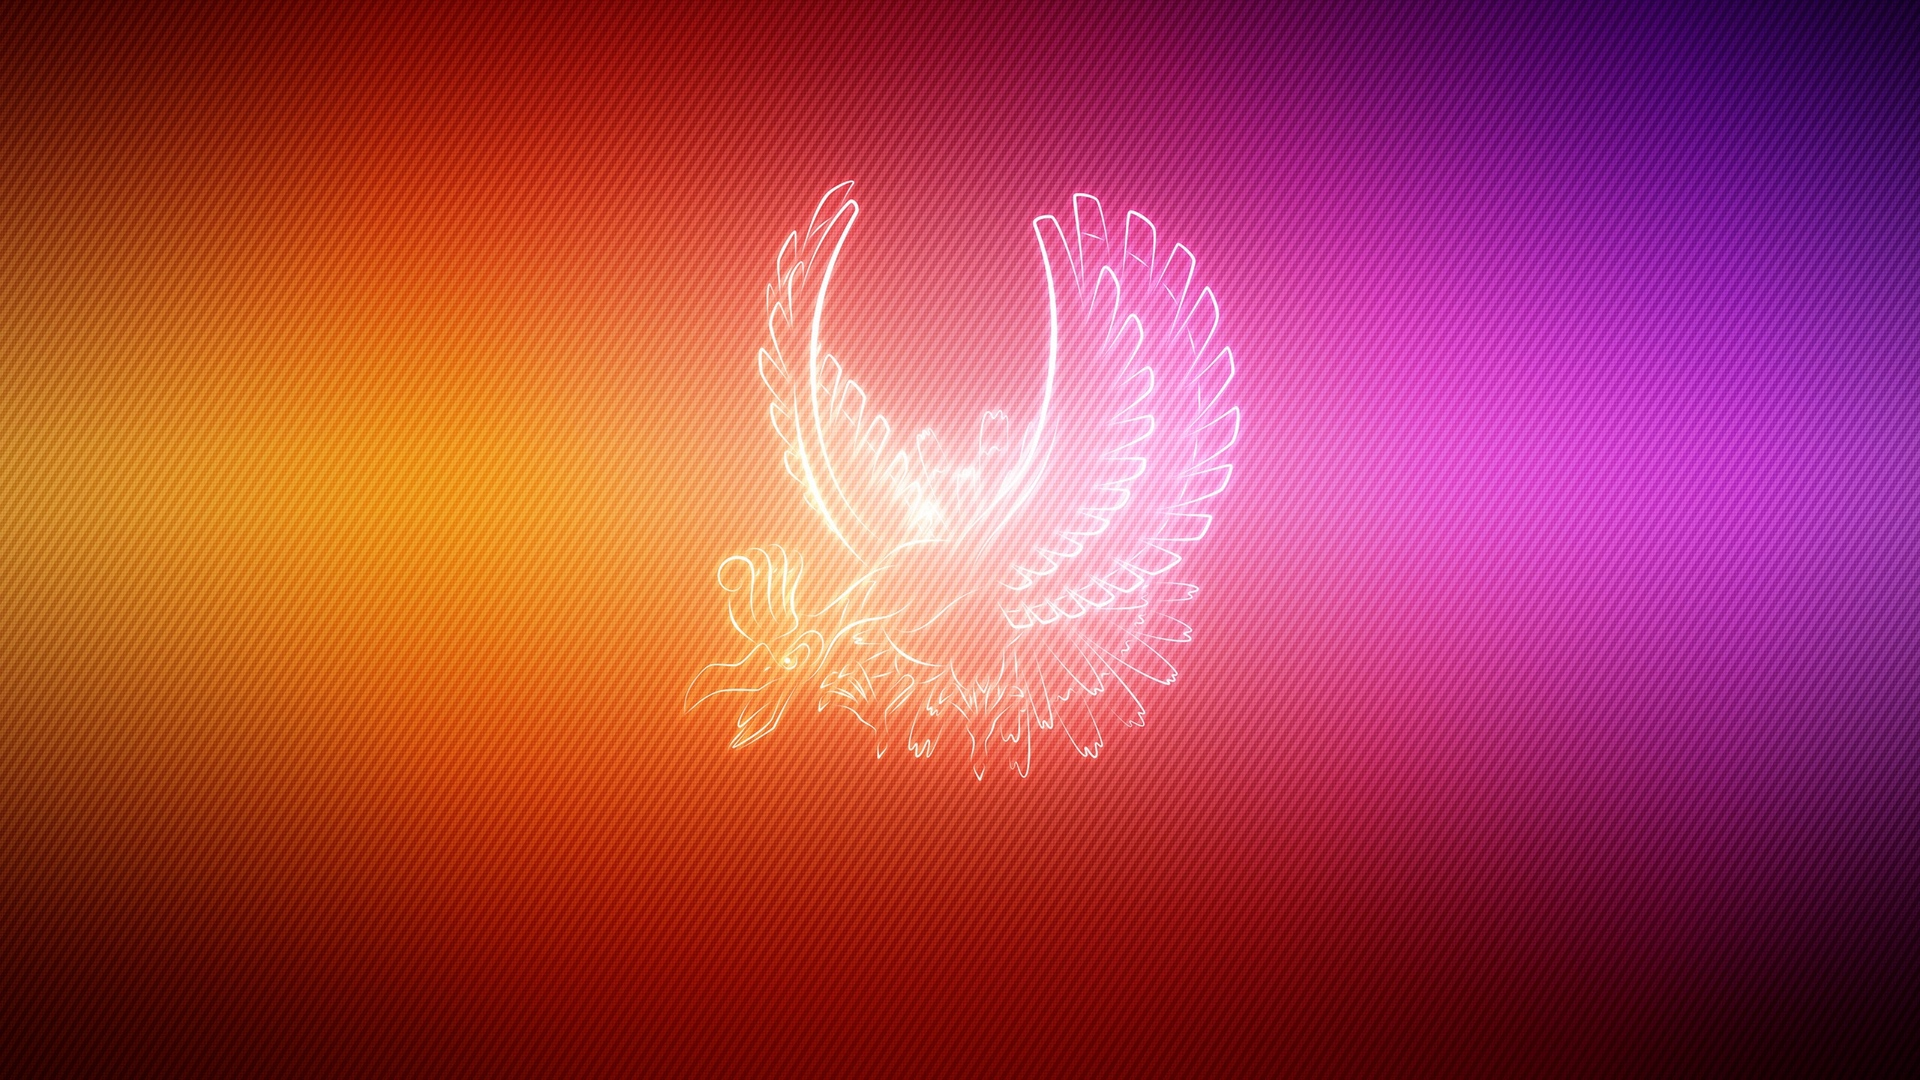 Download wallpaper 1920x1080 wings pokemon bird ho oh full hd 1920x1080